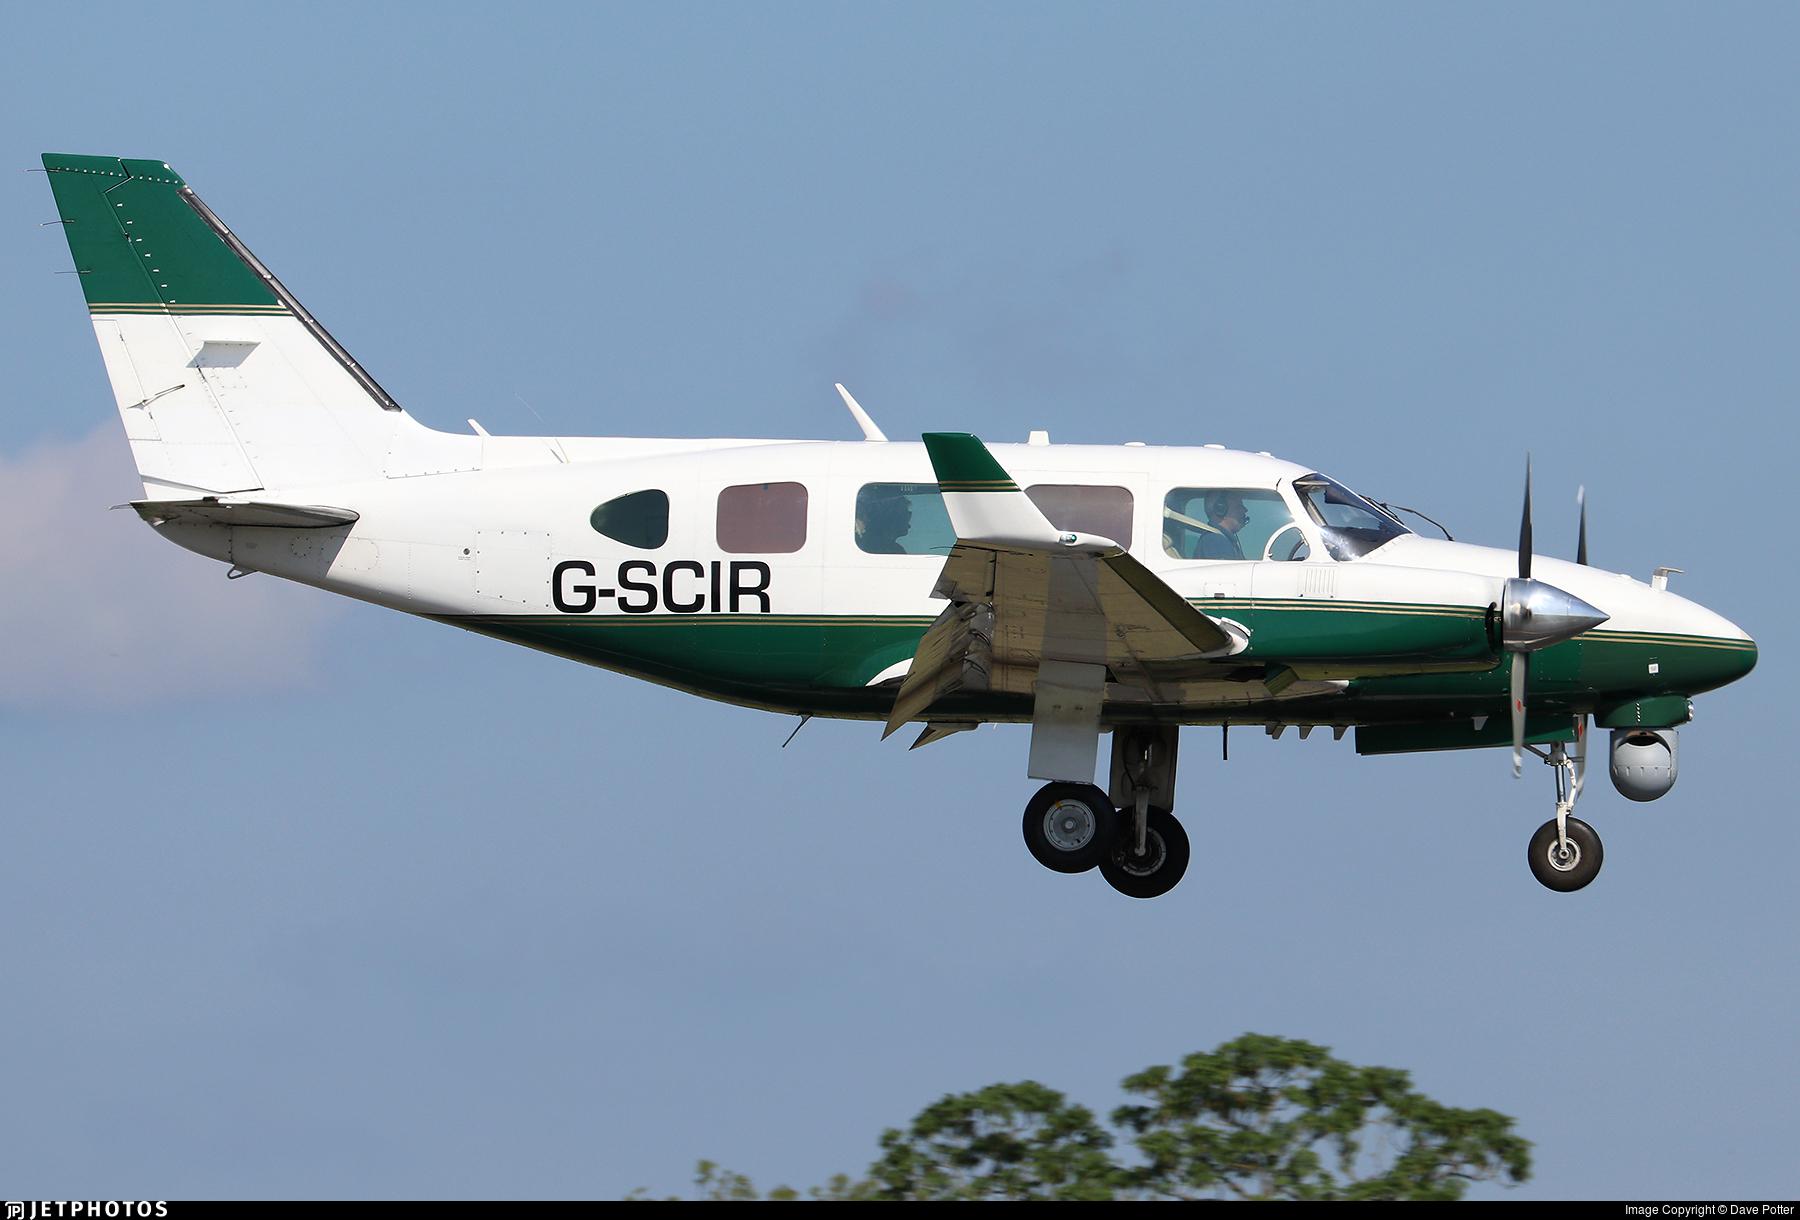 G-SCIR - Piper PA-31-310 Navajo C - 2 Excel Aviation